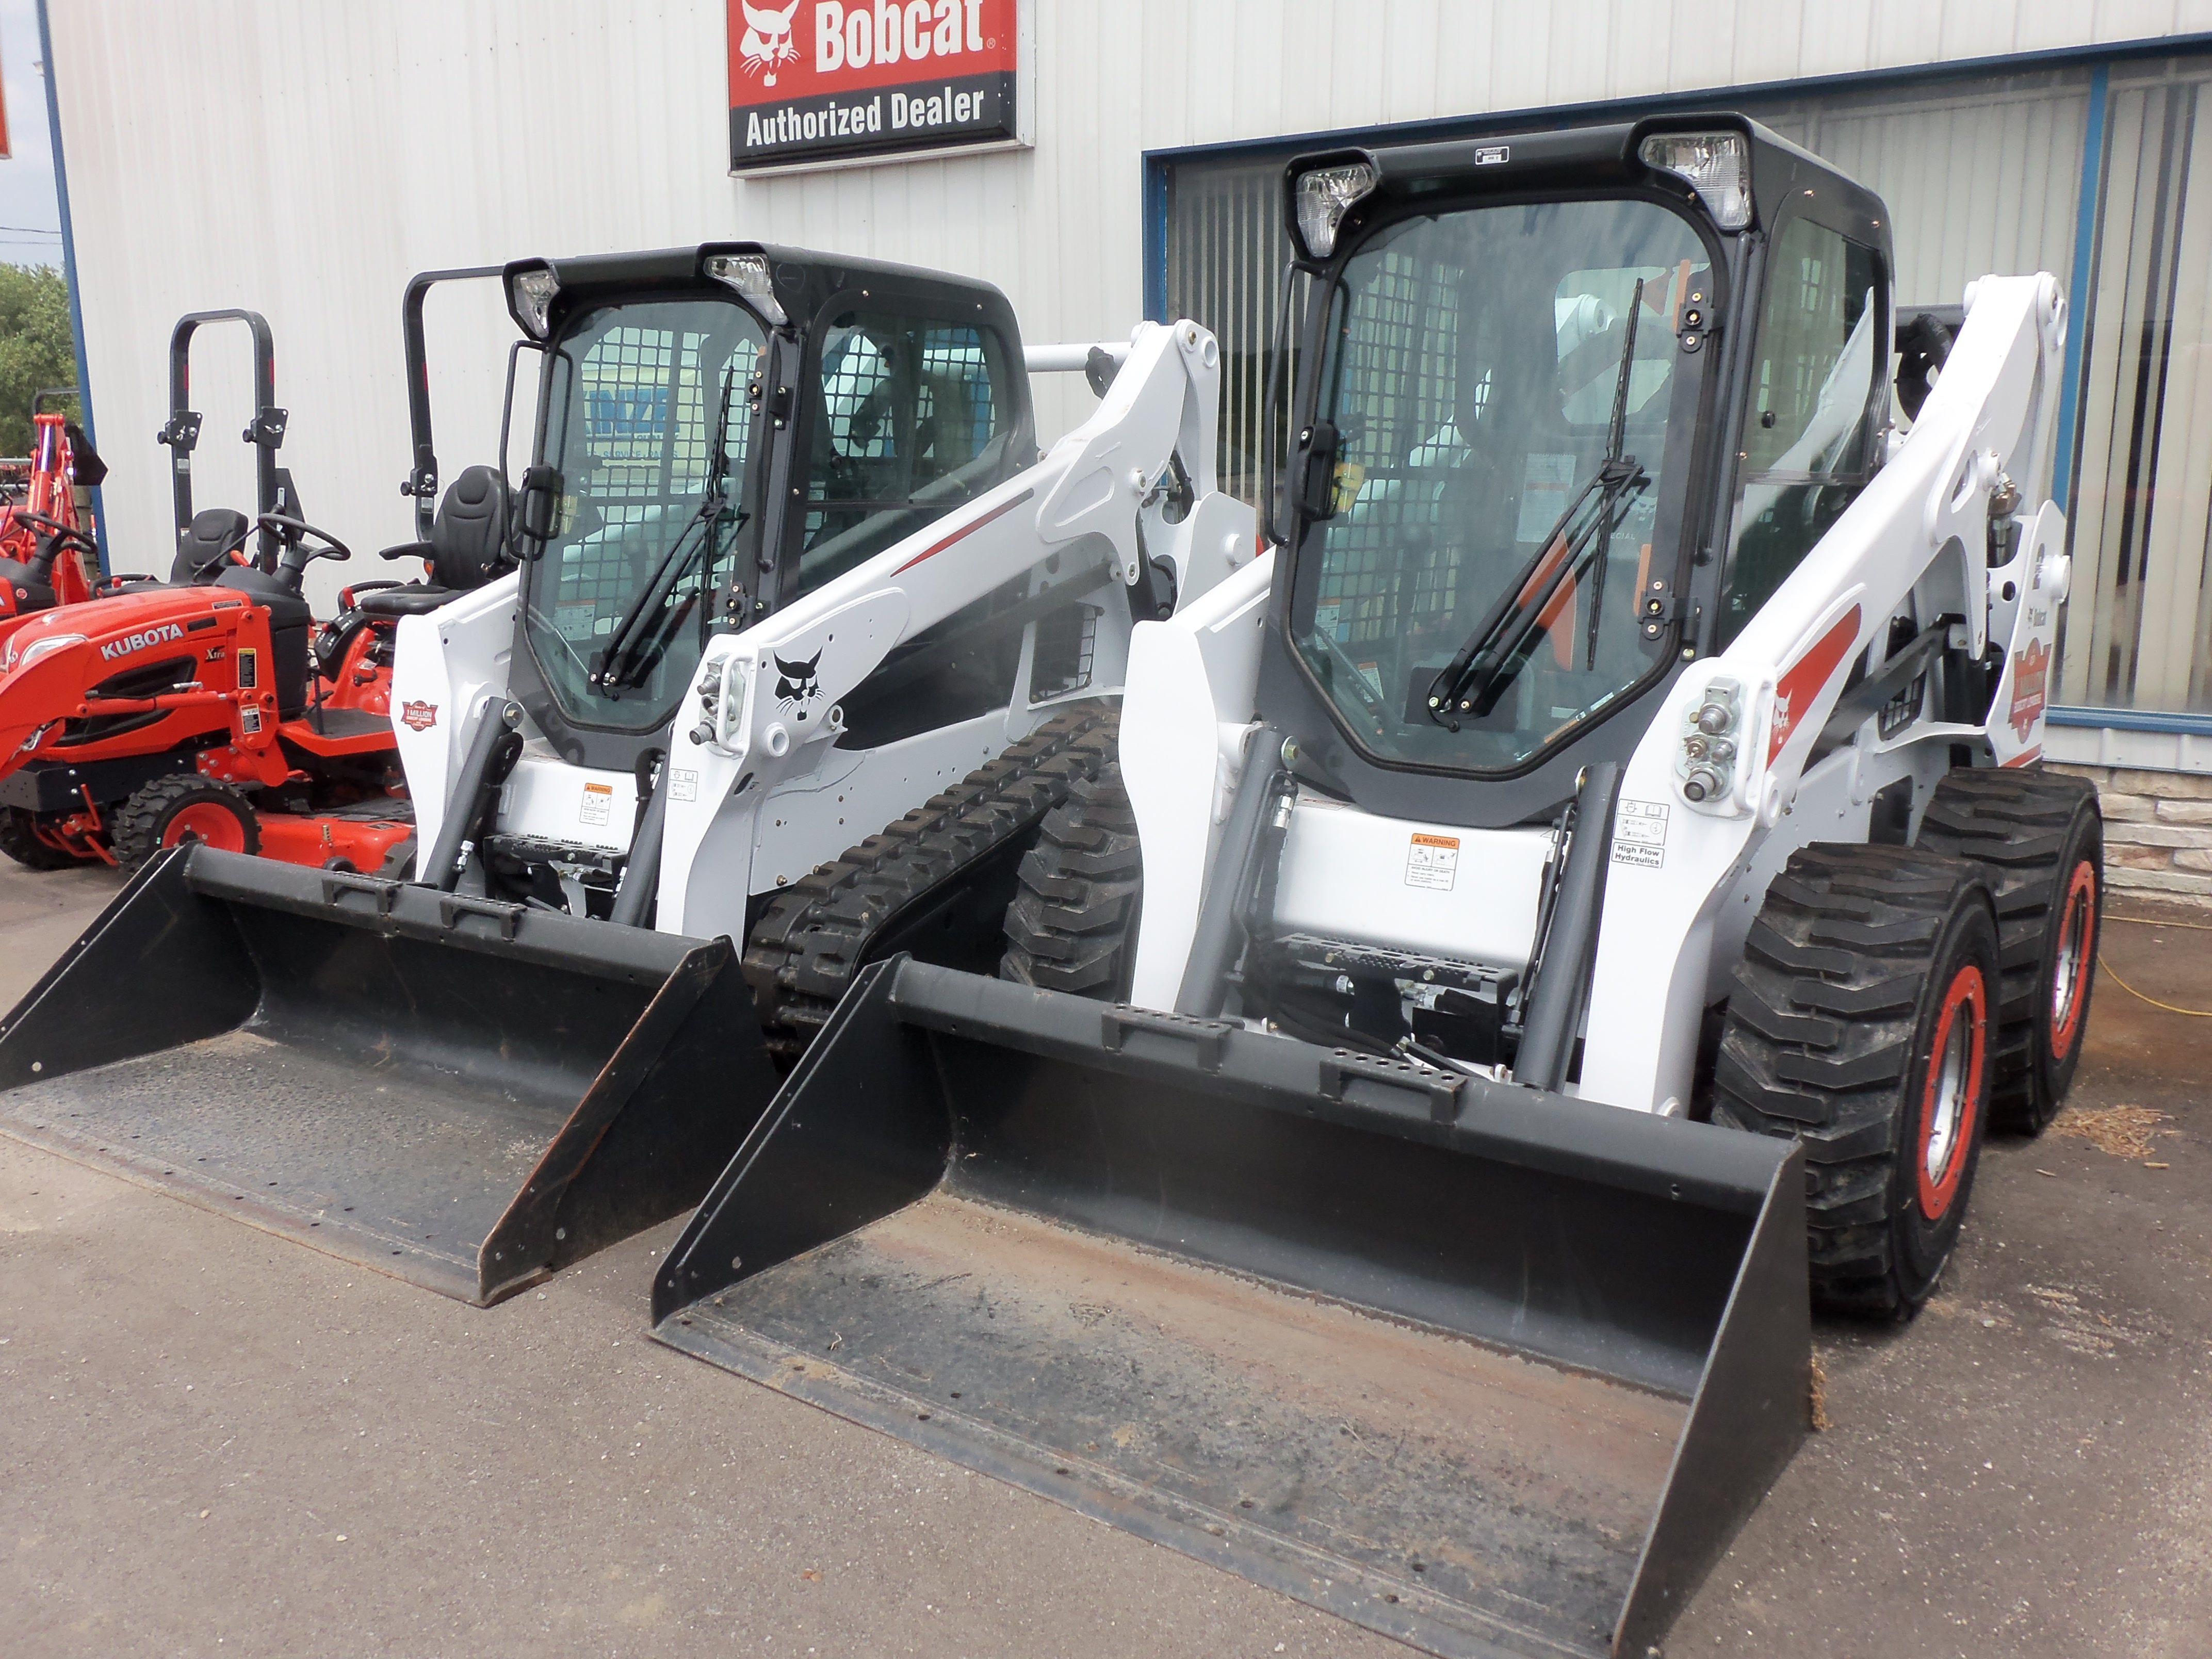 Bobcat equipment:Special S650 1 million skid steer loader & T590